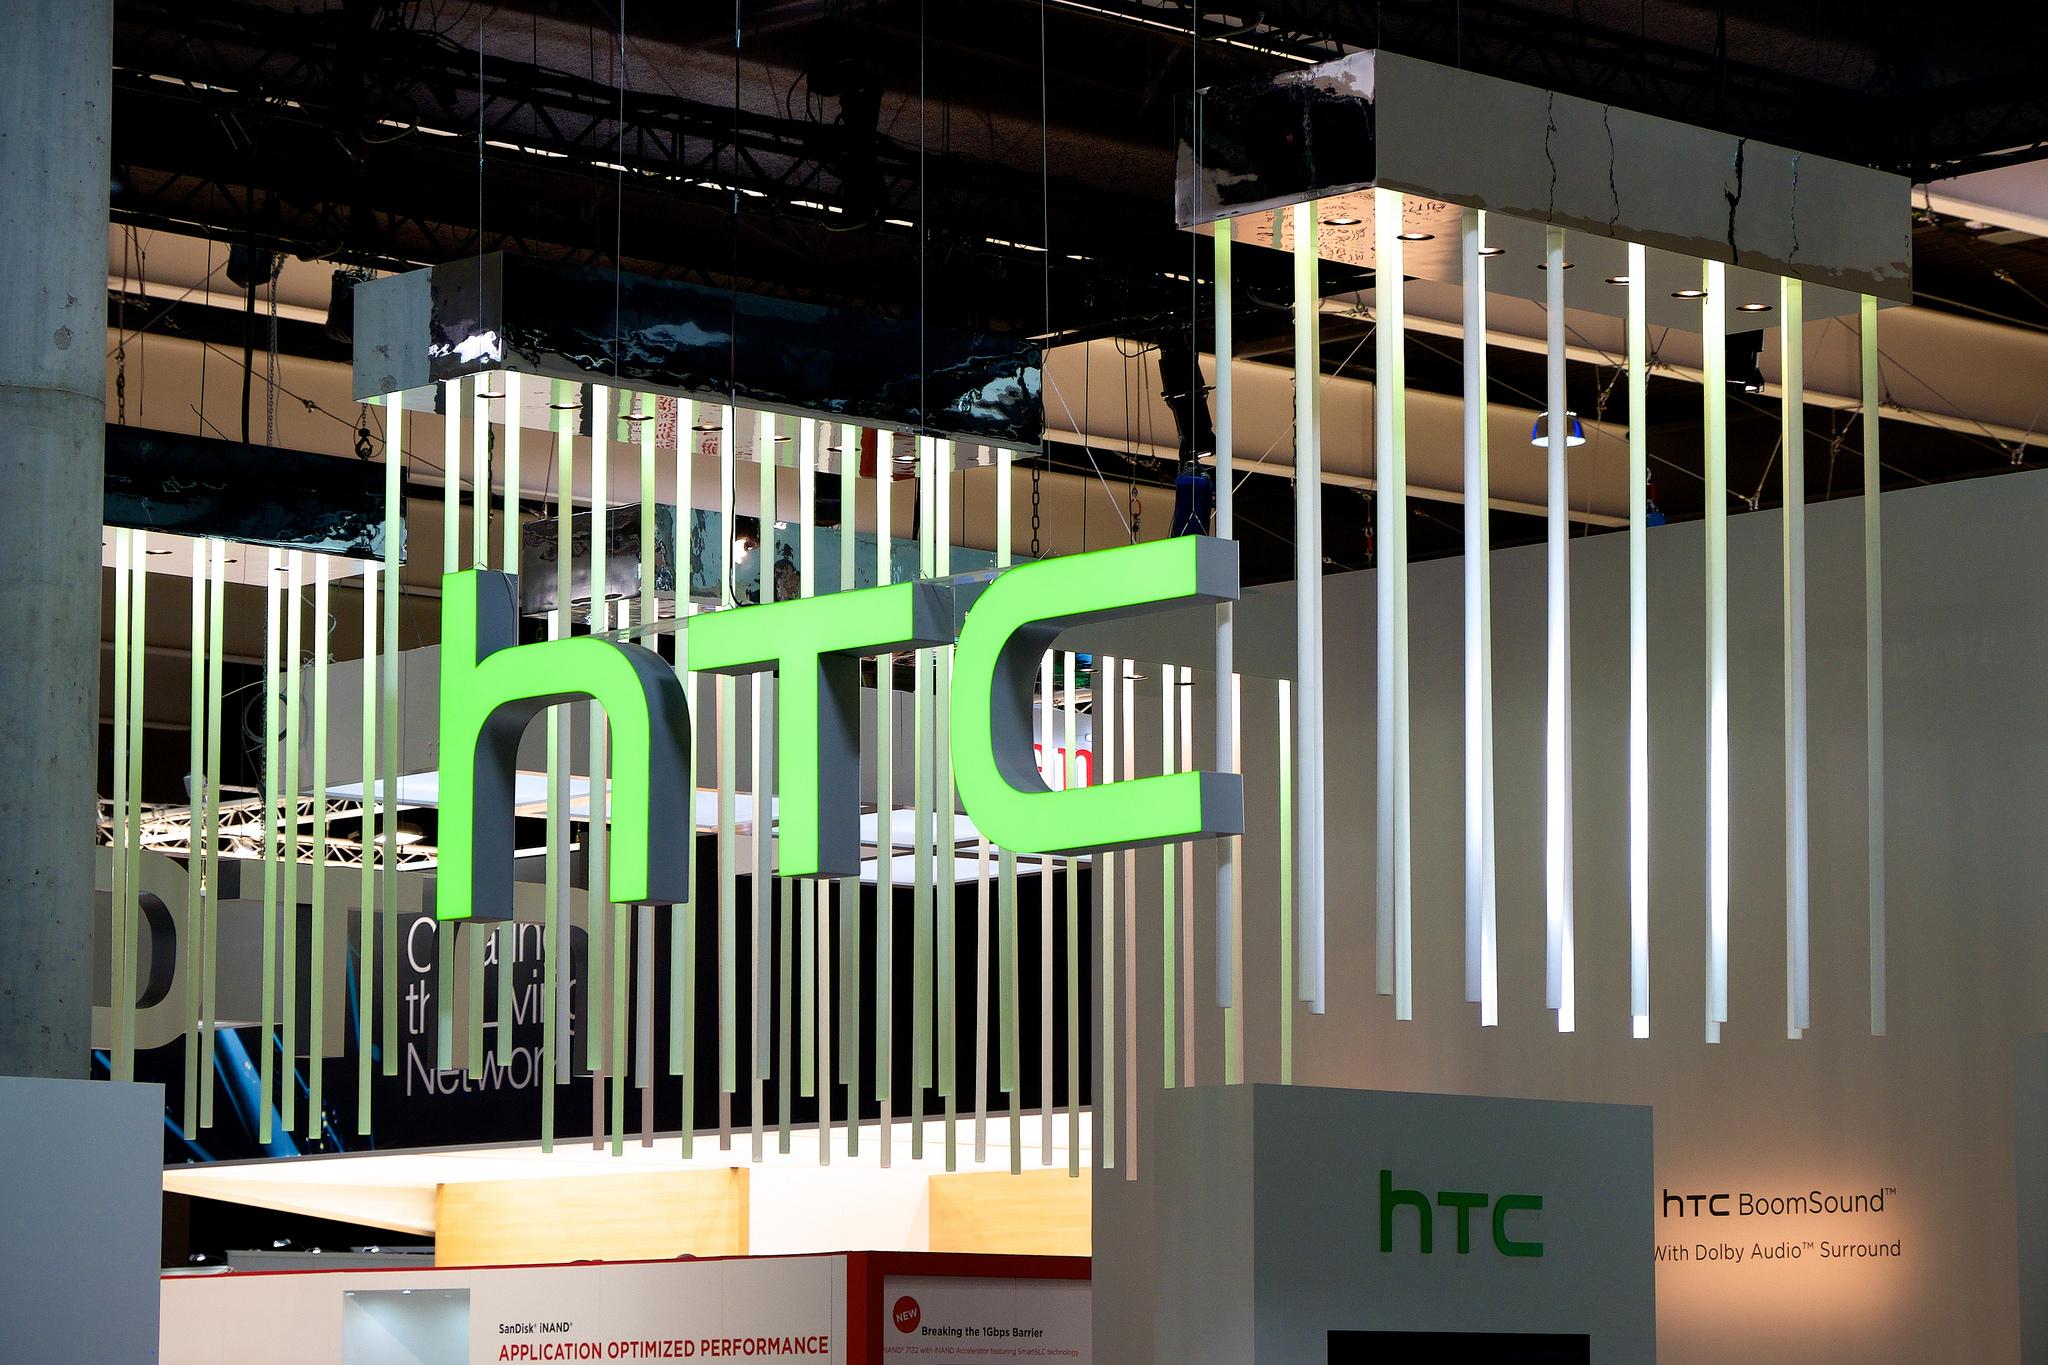 En avril, HTC ne va toujours pas mieux financièrement